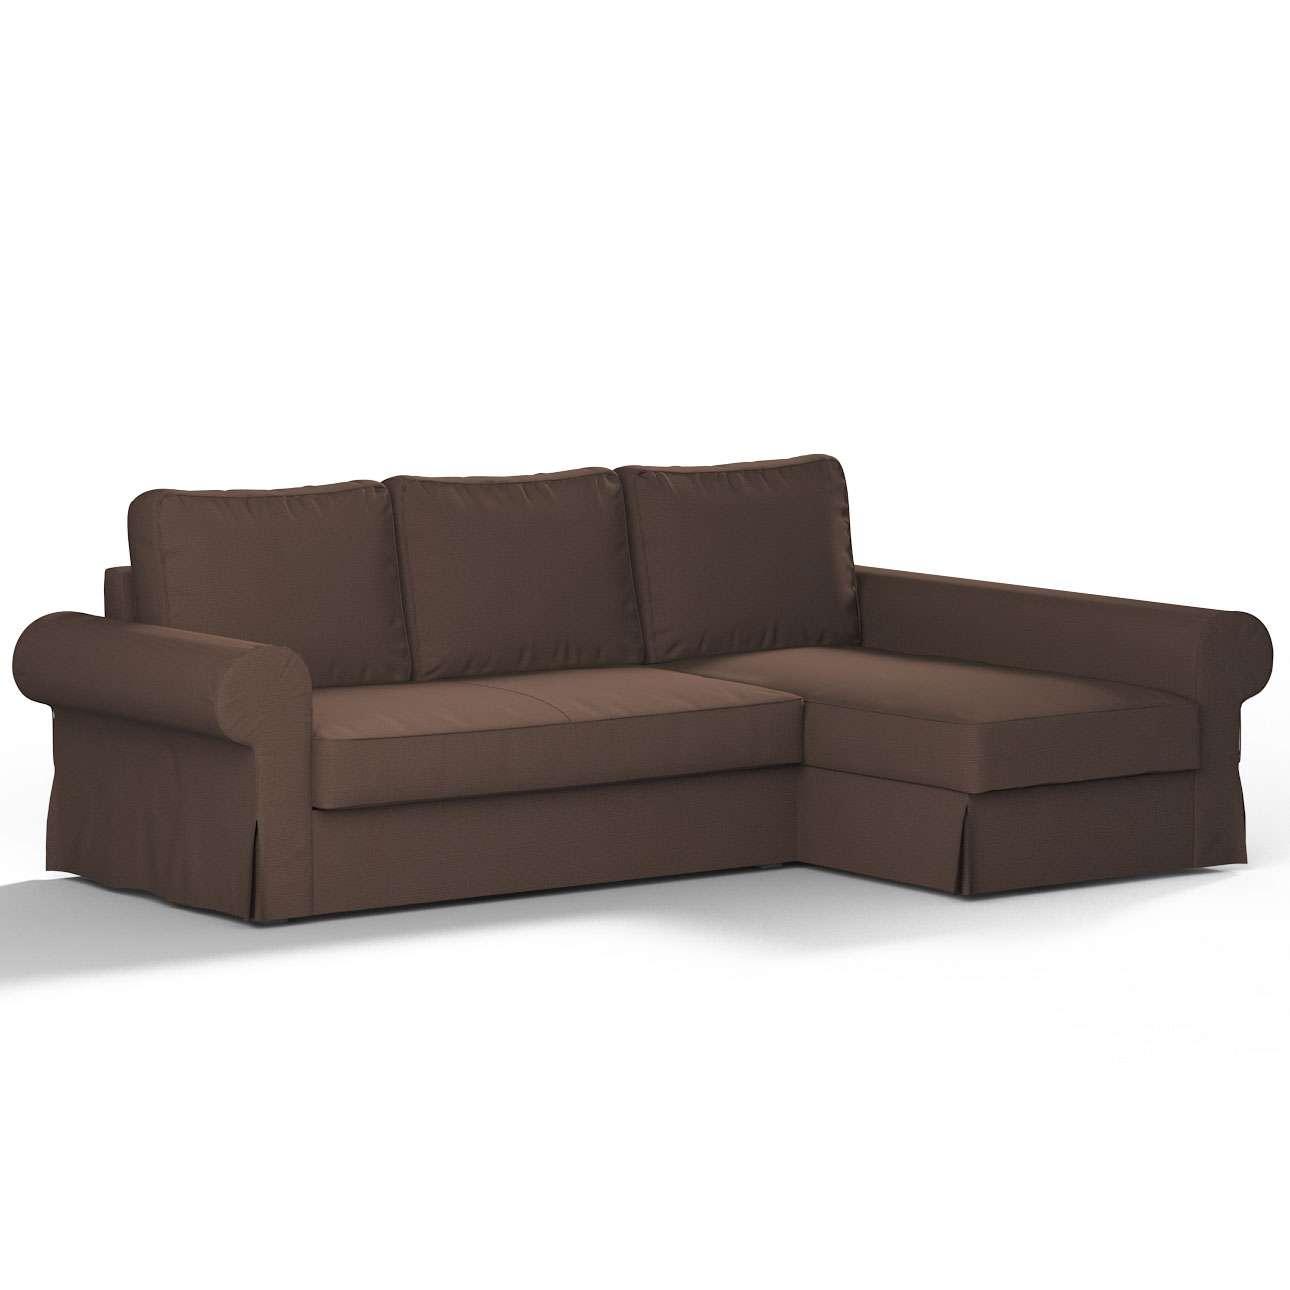 Pokrowiec na sofę Backabro rozkładaną z leżanką w kolekcji Etna, tkanina: 705-08